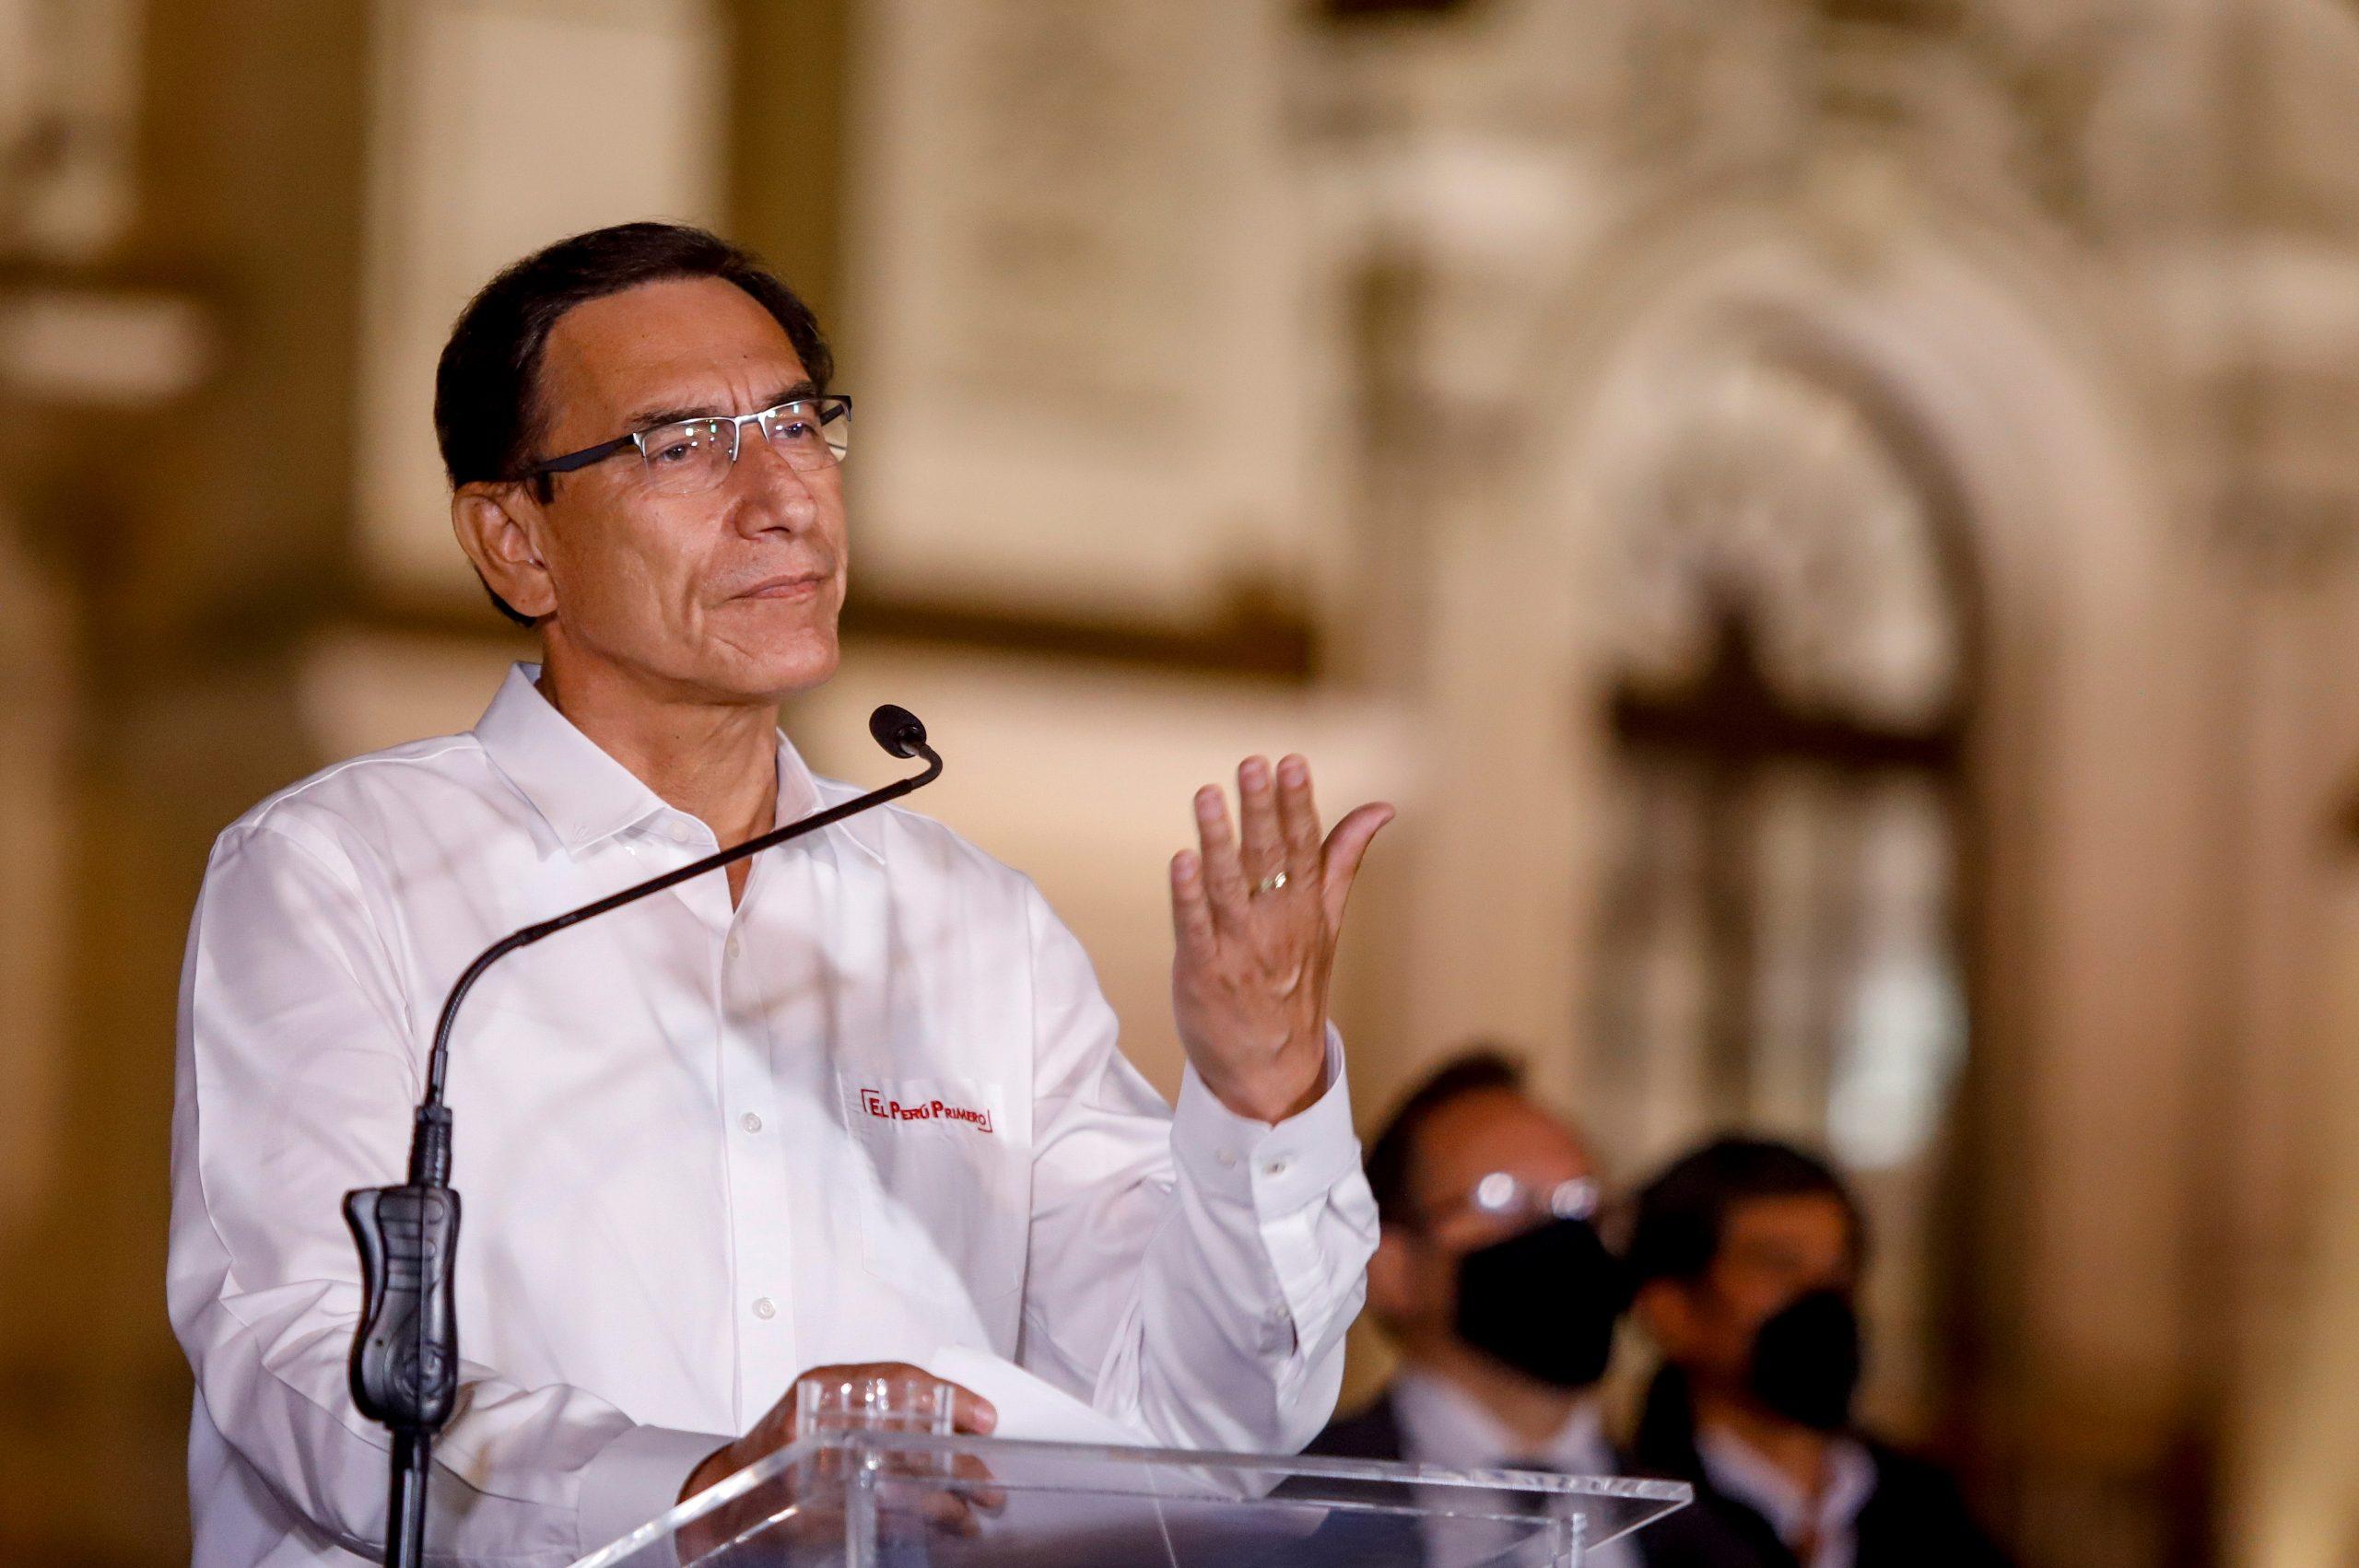 ¿Quién es Richard Swing y por qué estuvo a punto de causar la destitución de Vizcarra en Perú?